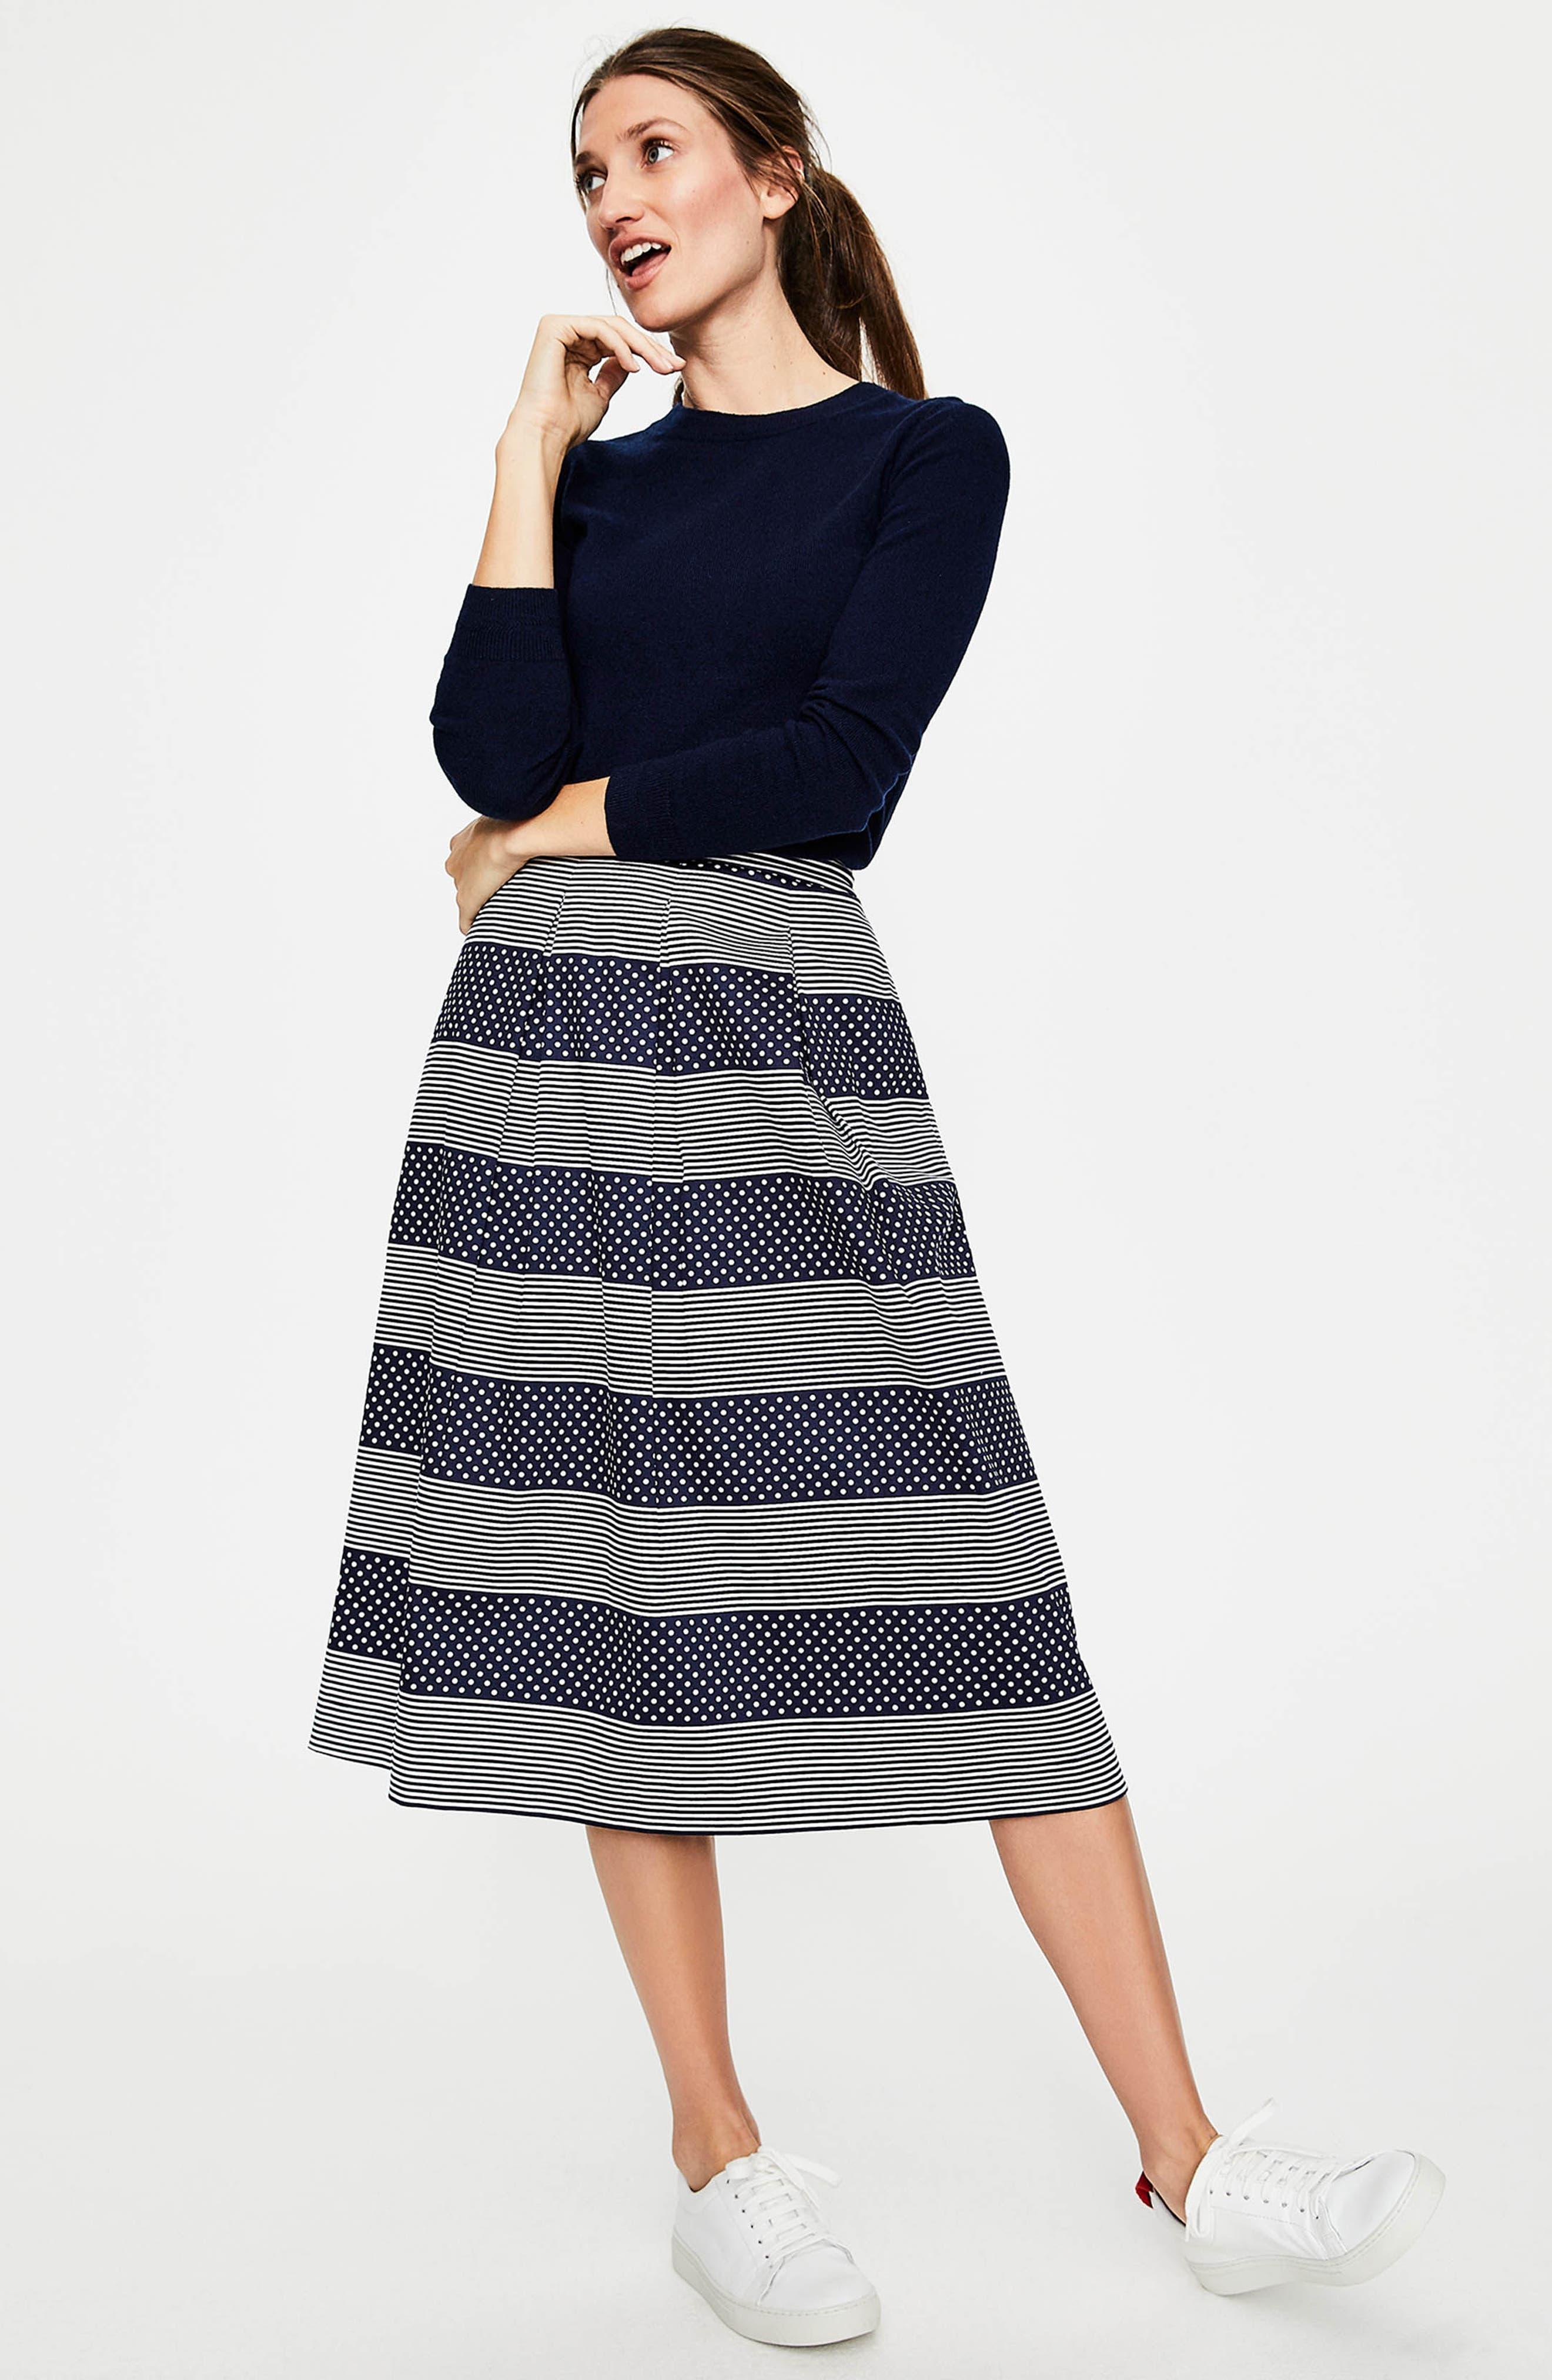 Lola Floral Flared Skirt,                             Alternate thumbnail 4, color,                             Navy/ Spot Stripe